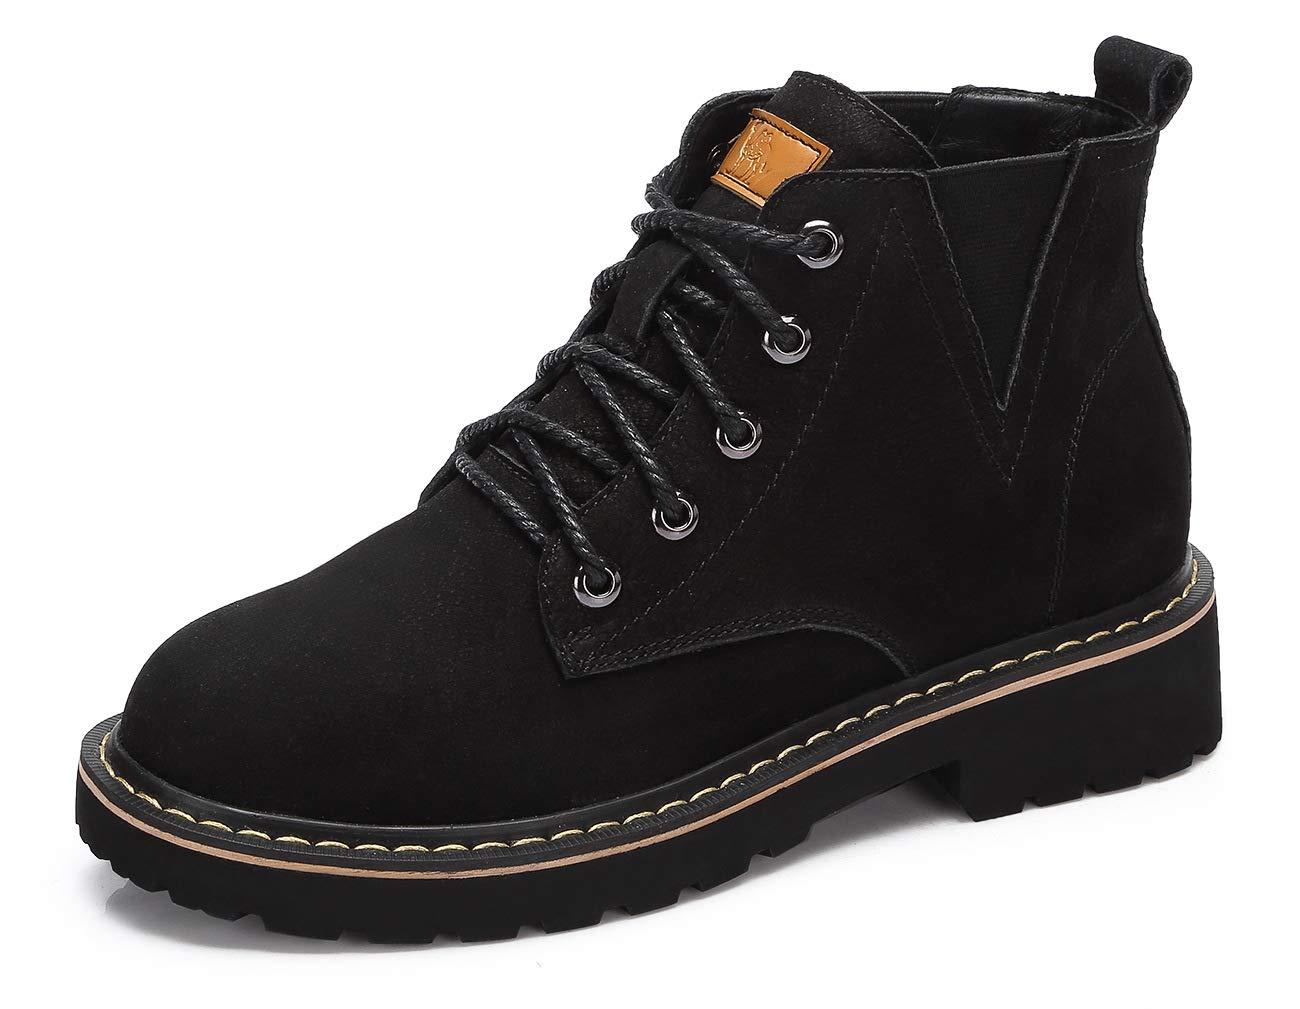 CAMEL CROWN Stiefeletten Damen Stiefel Leder Martin Boots Klassischer Schnürhalbschuhe Booties Warm Rutschfest Schwarz Khaki EU36-39